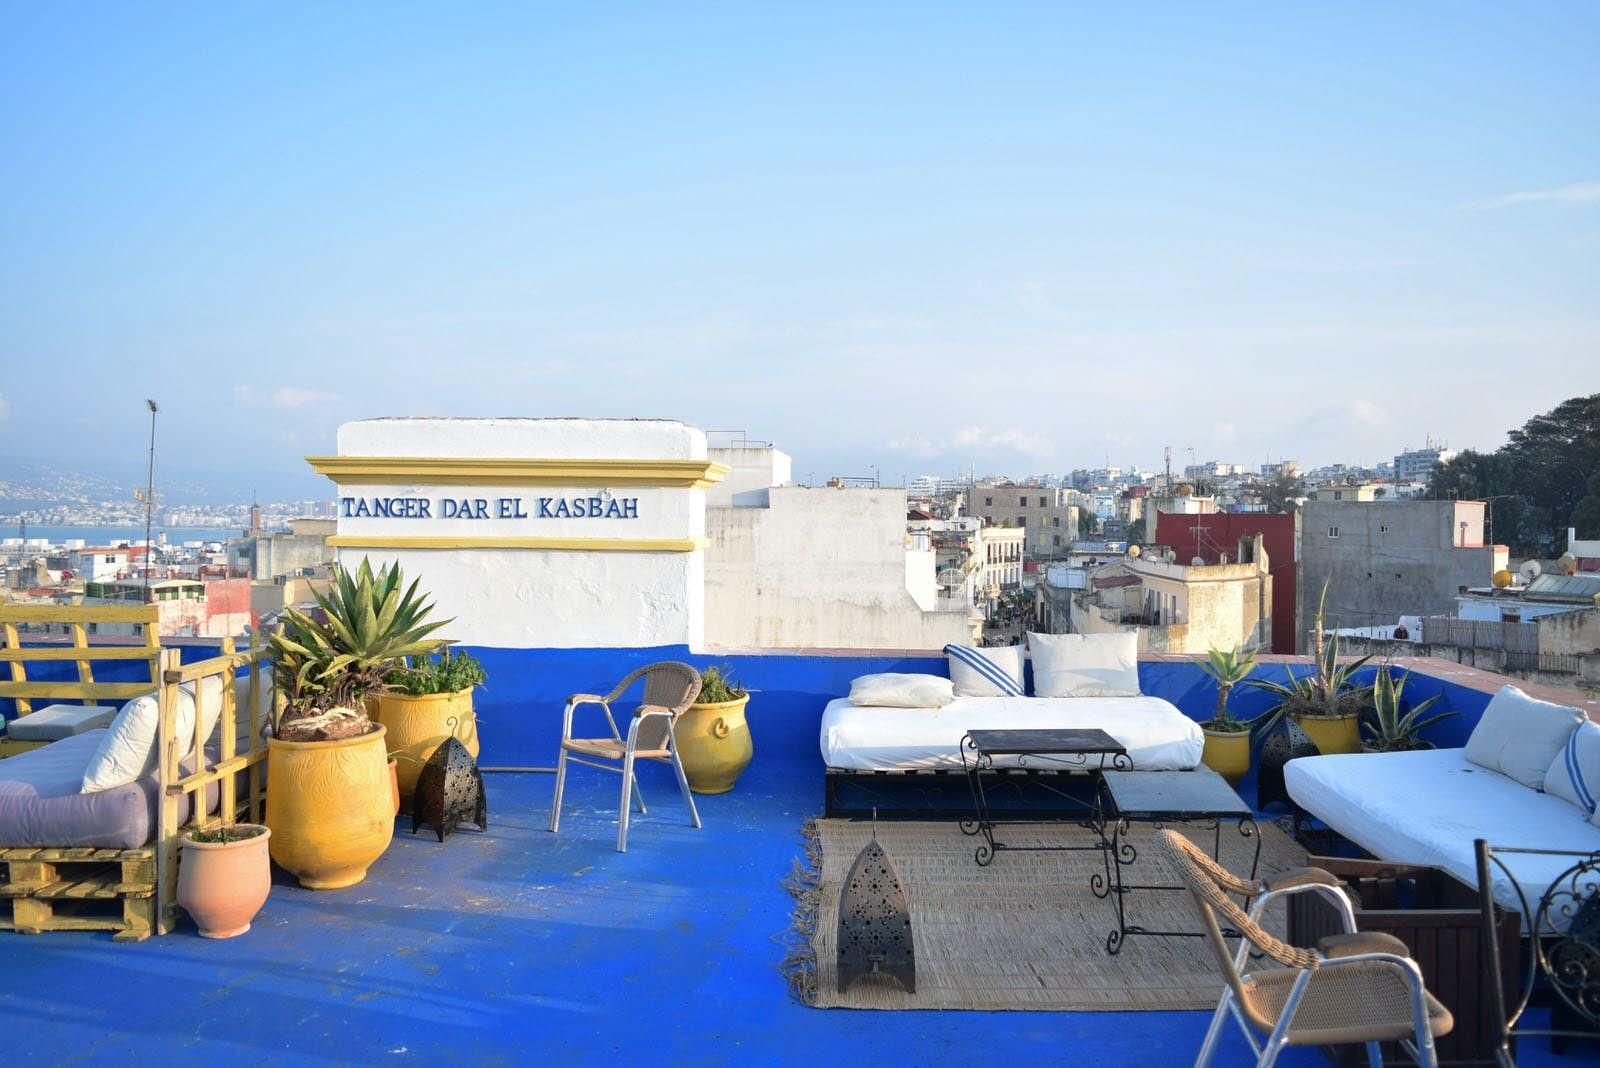 4)La Terrasse De Dar El Kasbah